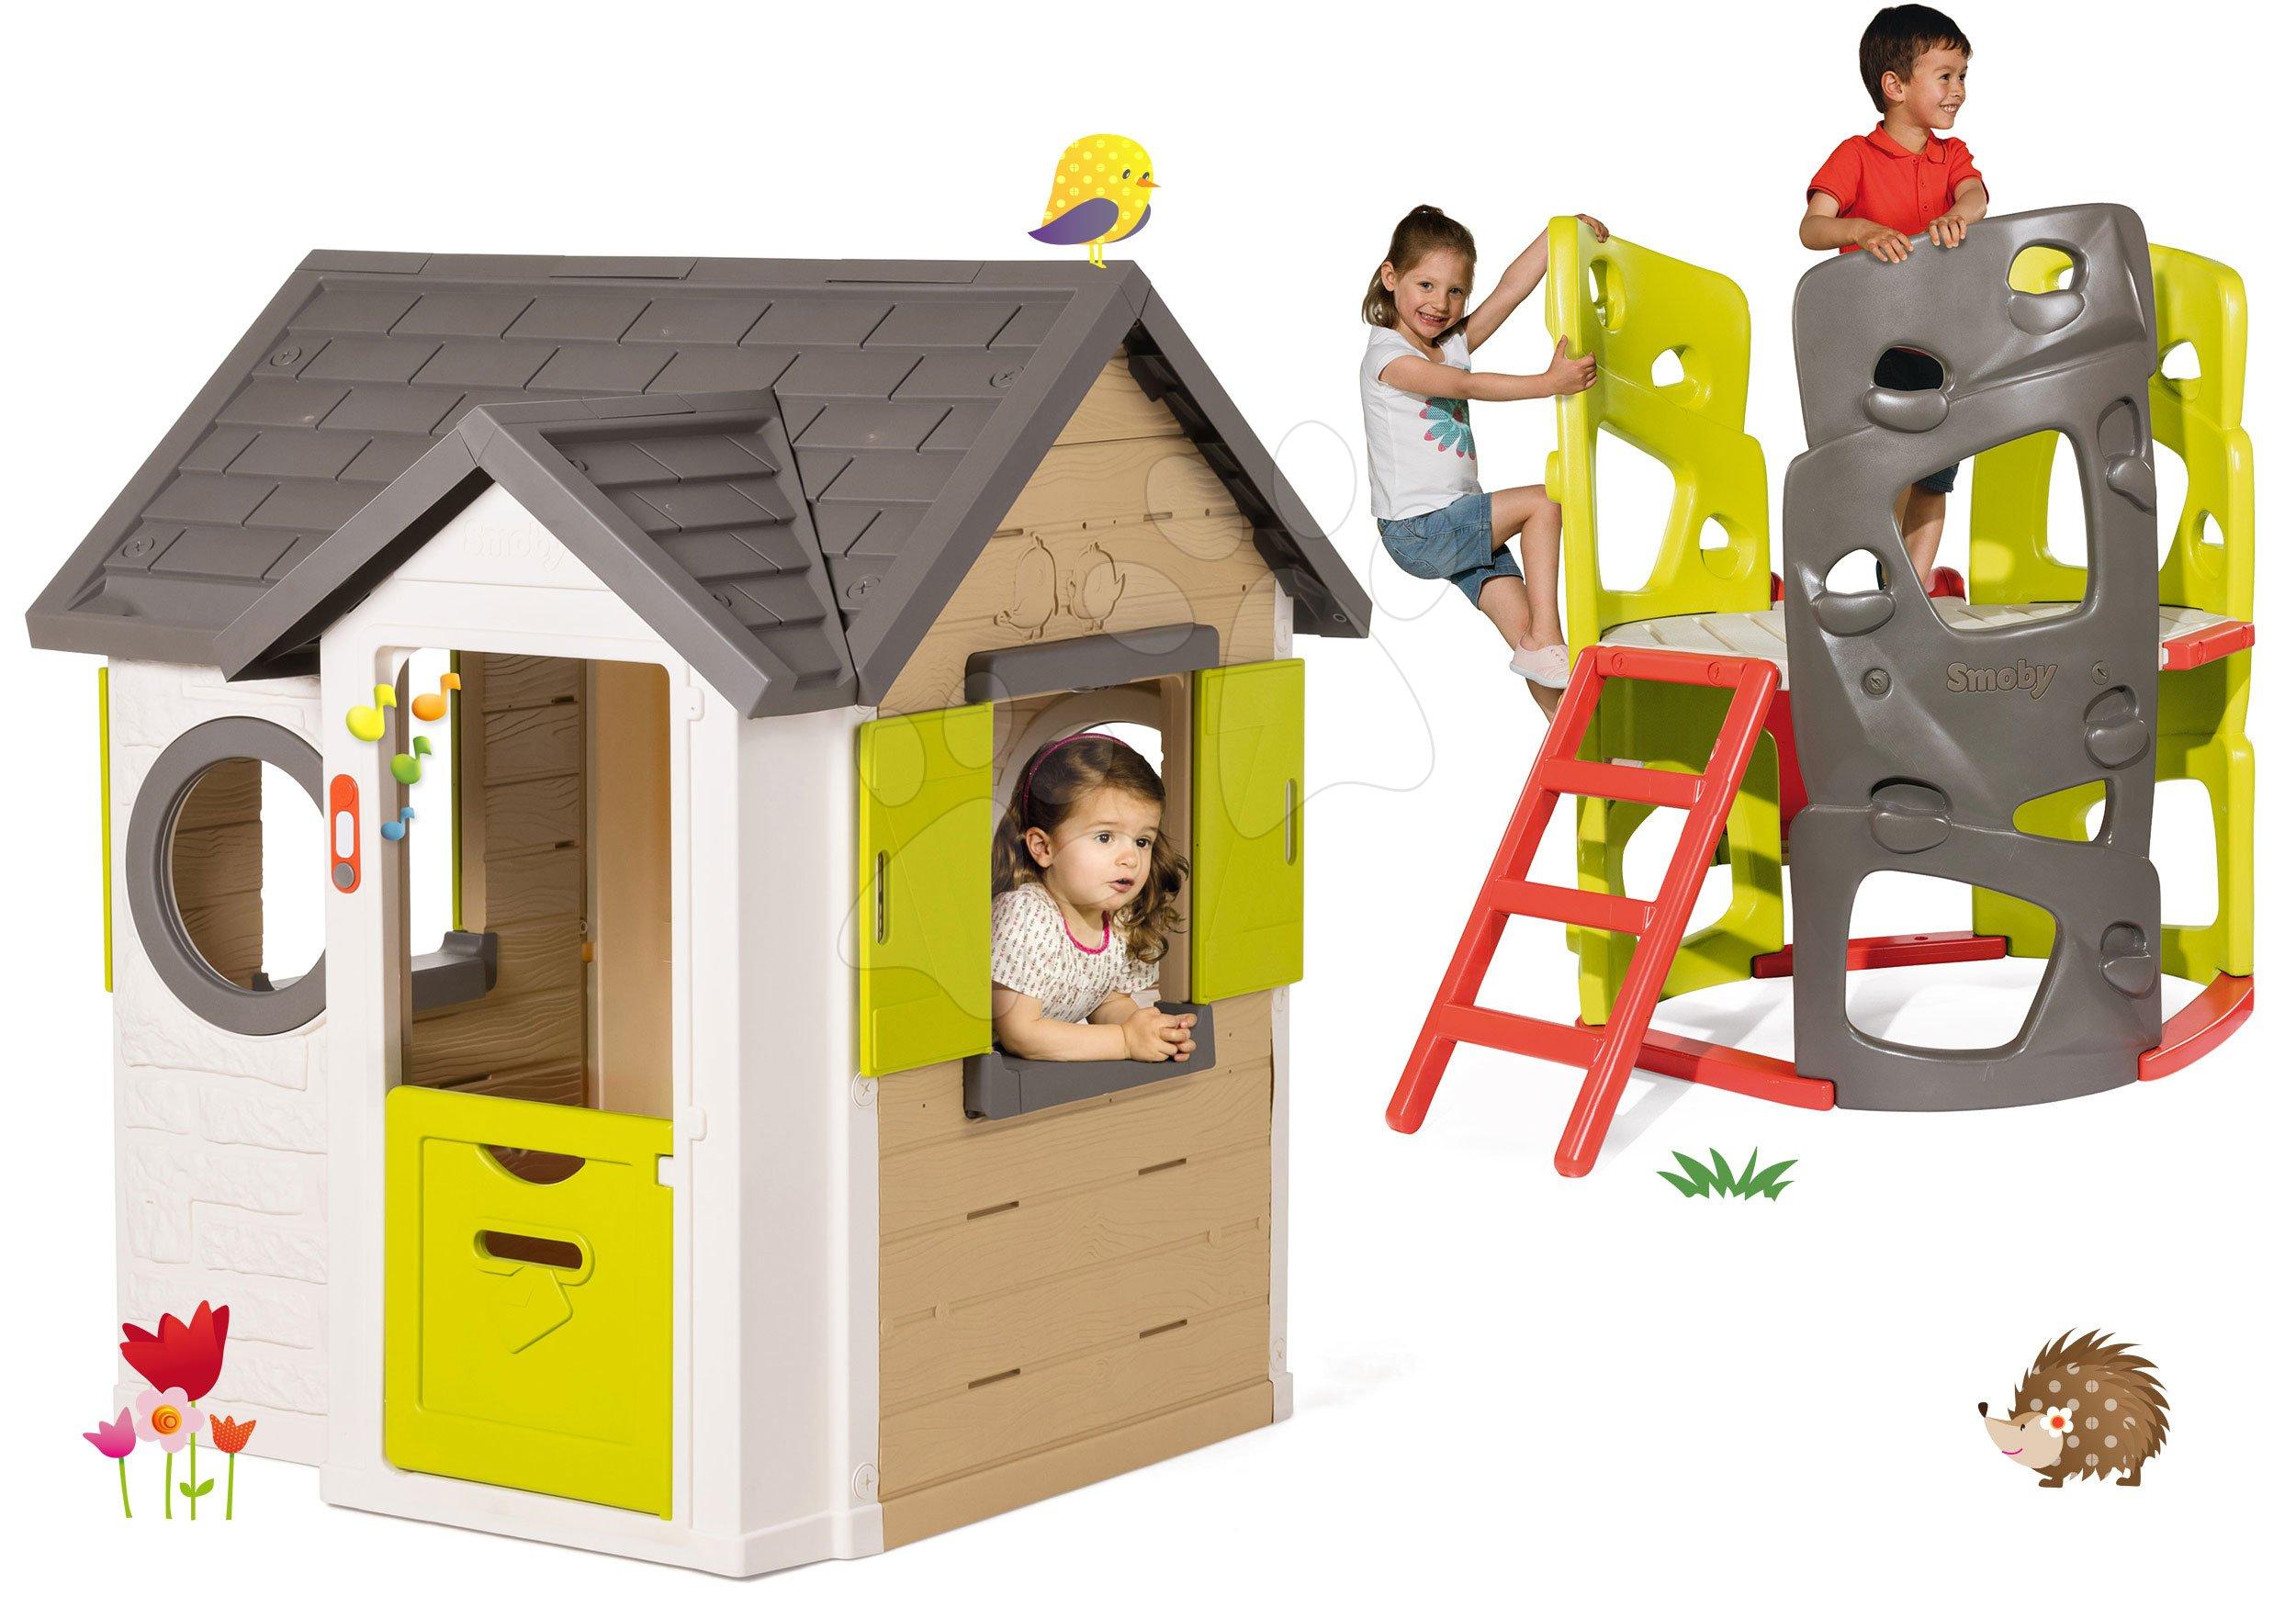 Smoby set domeček My House s 2 dveřmi a prolézačka Multi Activity Tower se skluzavkou 810402-19